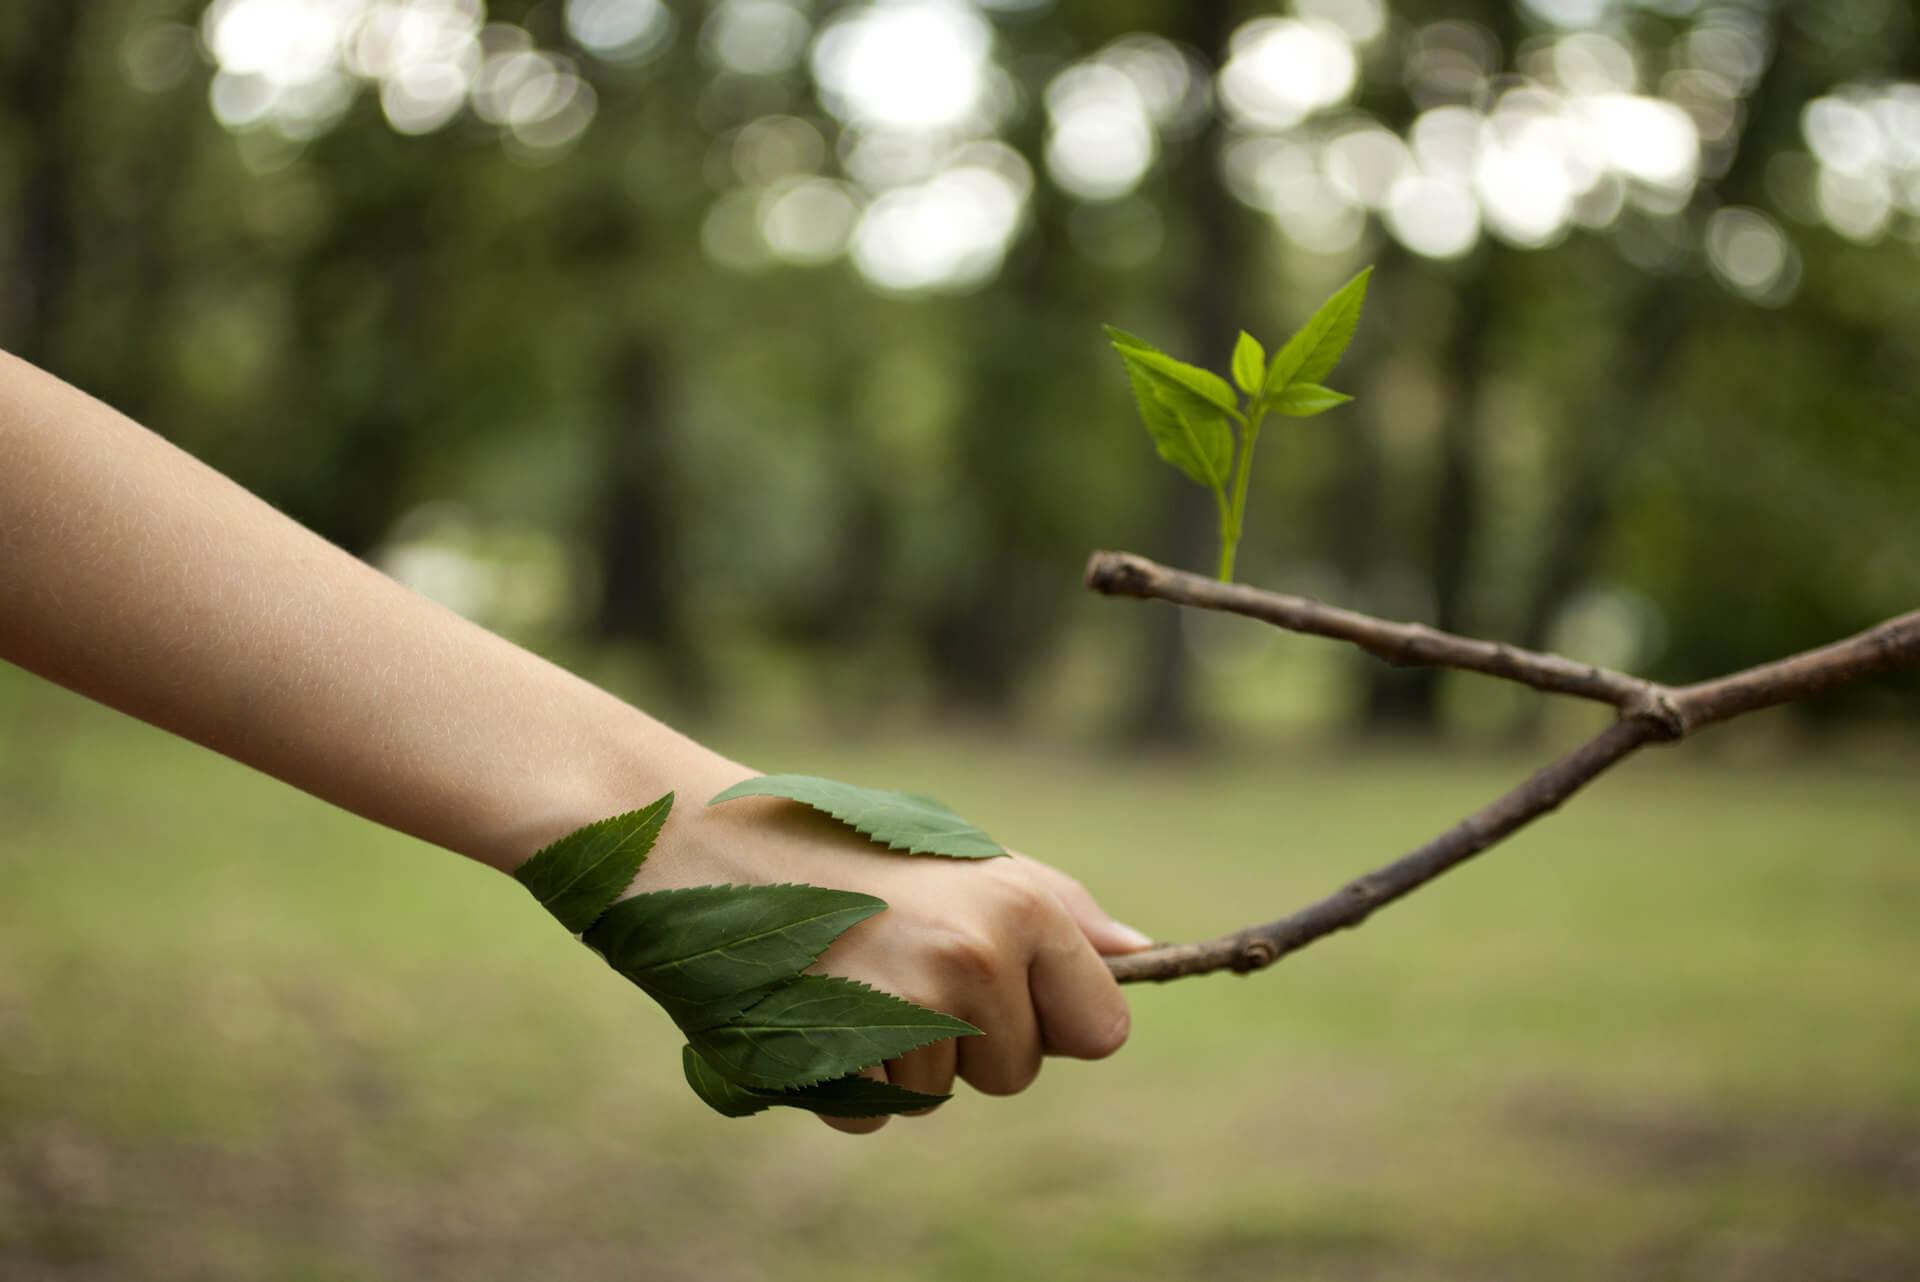 Gospodarka leśna, ręka trzymająca gałąź